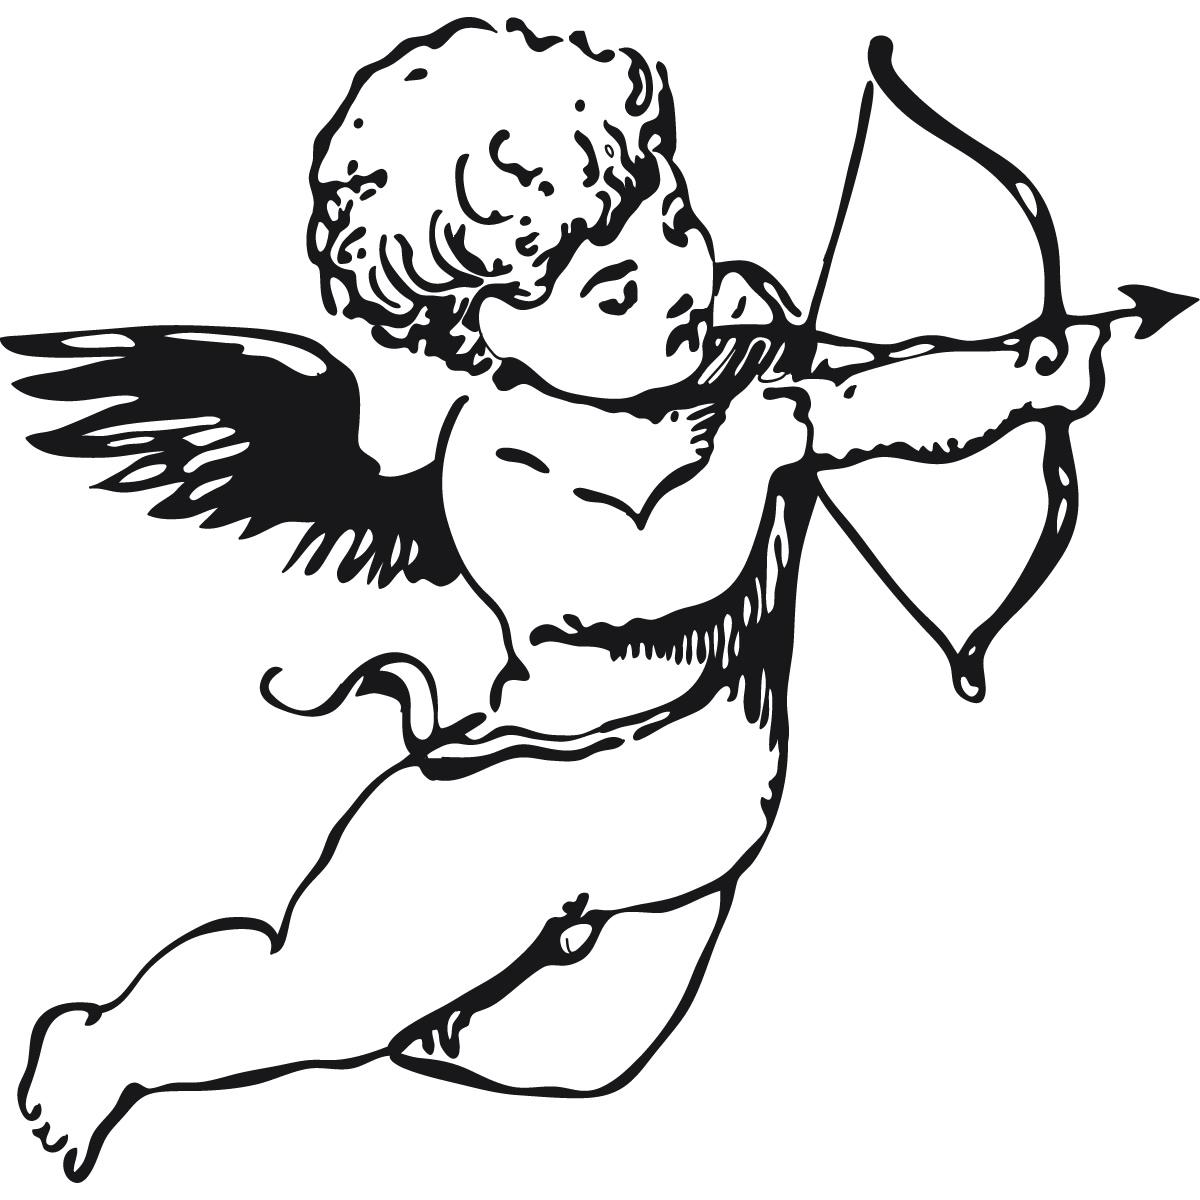 Cherub Angel Bow And Arrow Wall Sticker Wall Art Decal